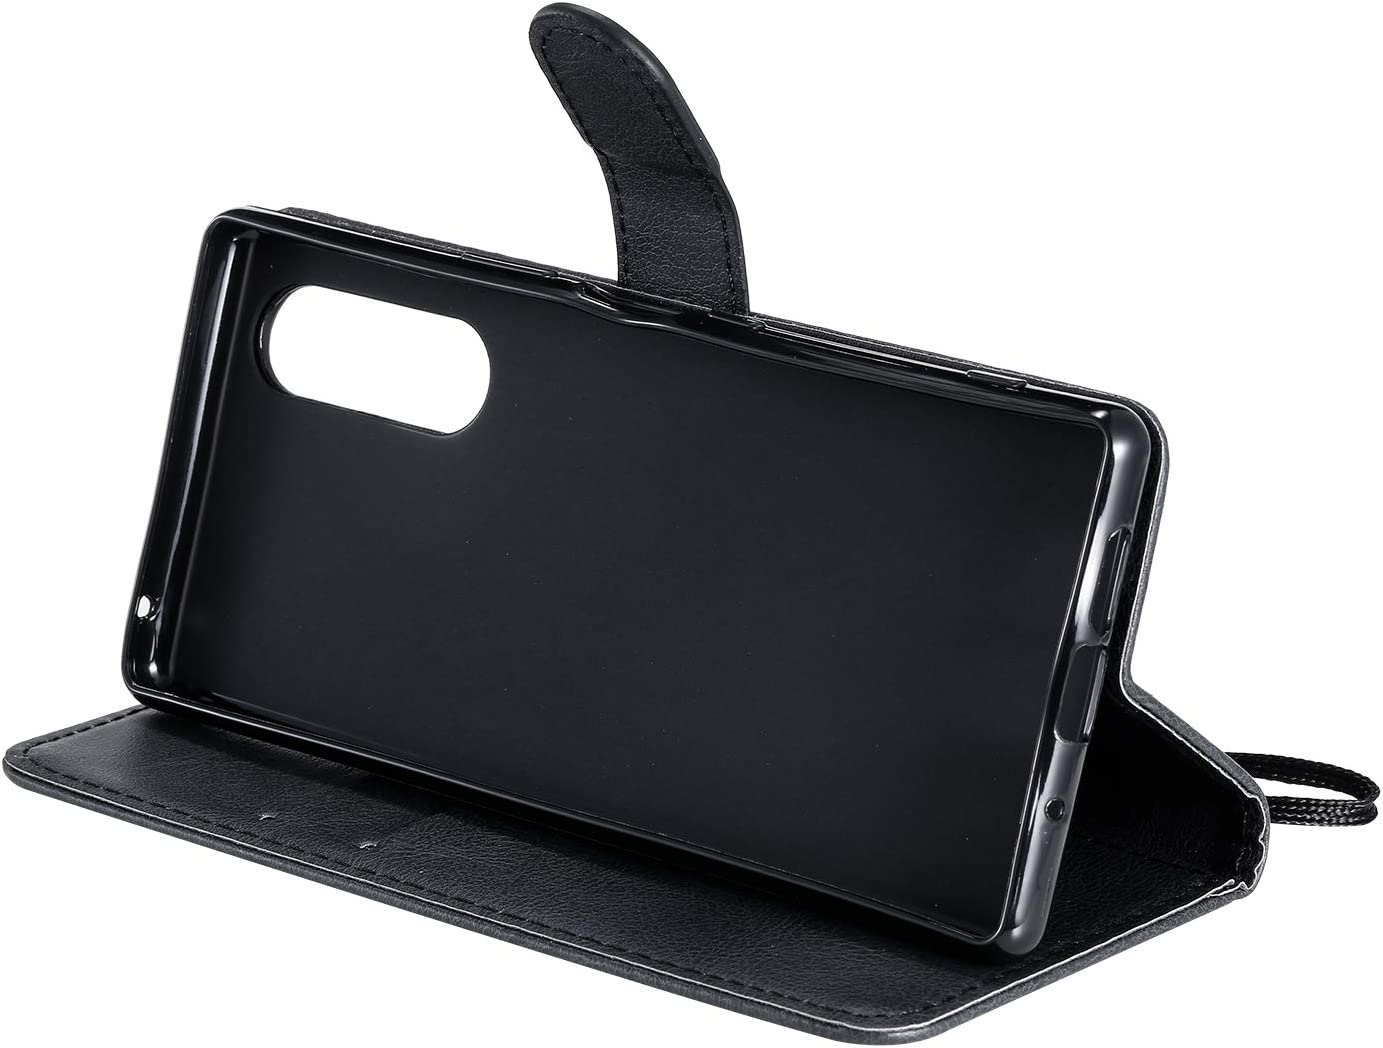 LOKTU100466 Rot Schutzh/ülle Brieftasche mit Kartenfach Klappbar Magnetisch Sto/ßfest Handyh/ülle Case f/ür Sony Xperia 5 Lomogo Sony Xperia 5 H/ülle Leder